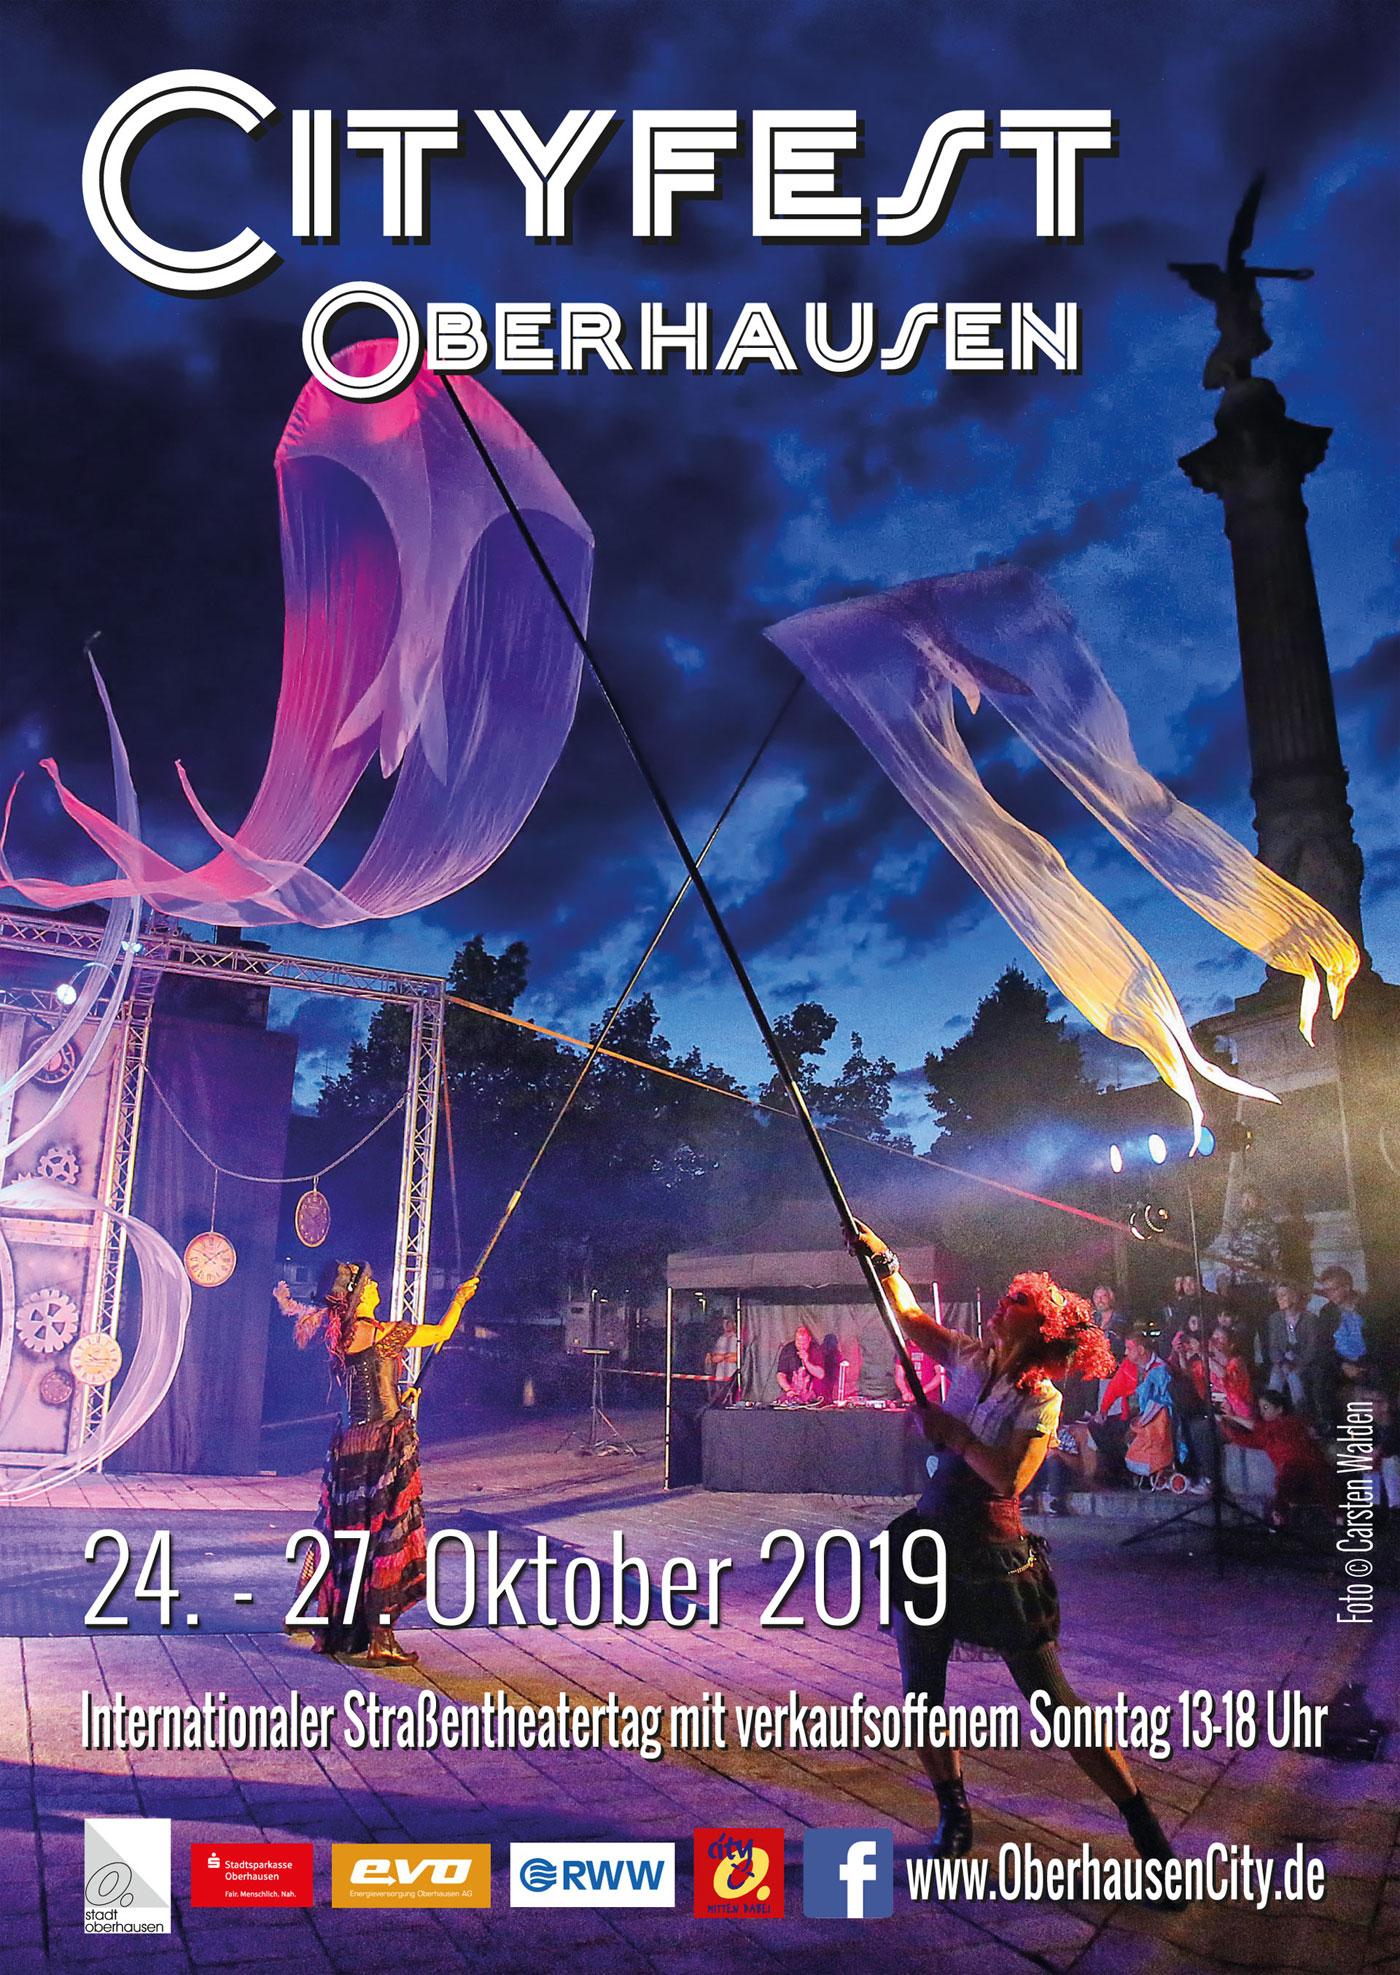 cityfest-oberhausen.jpg